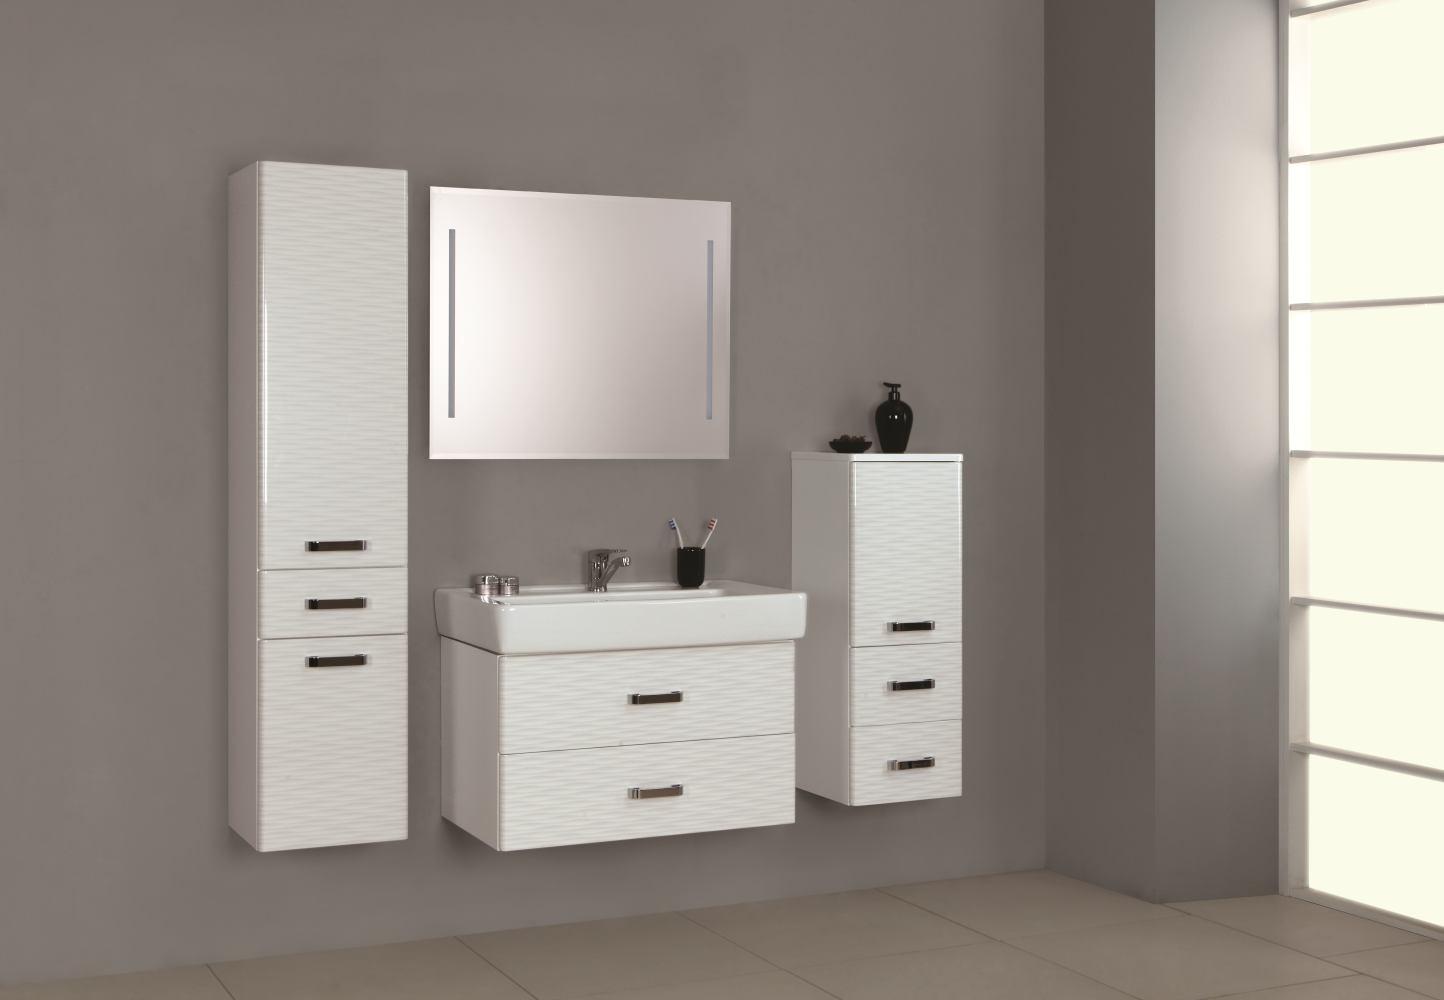 Стильная мебель «Акватон» для современной и просторной ванной комнаты